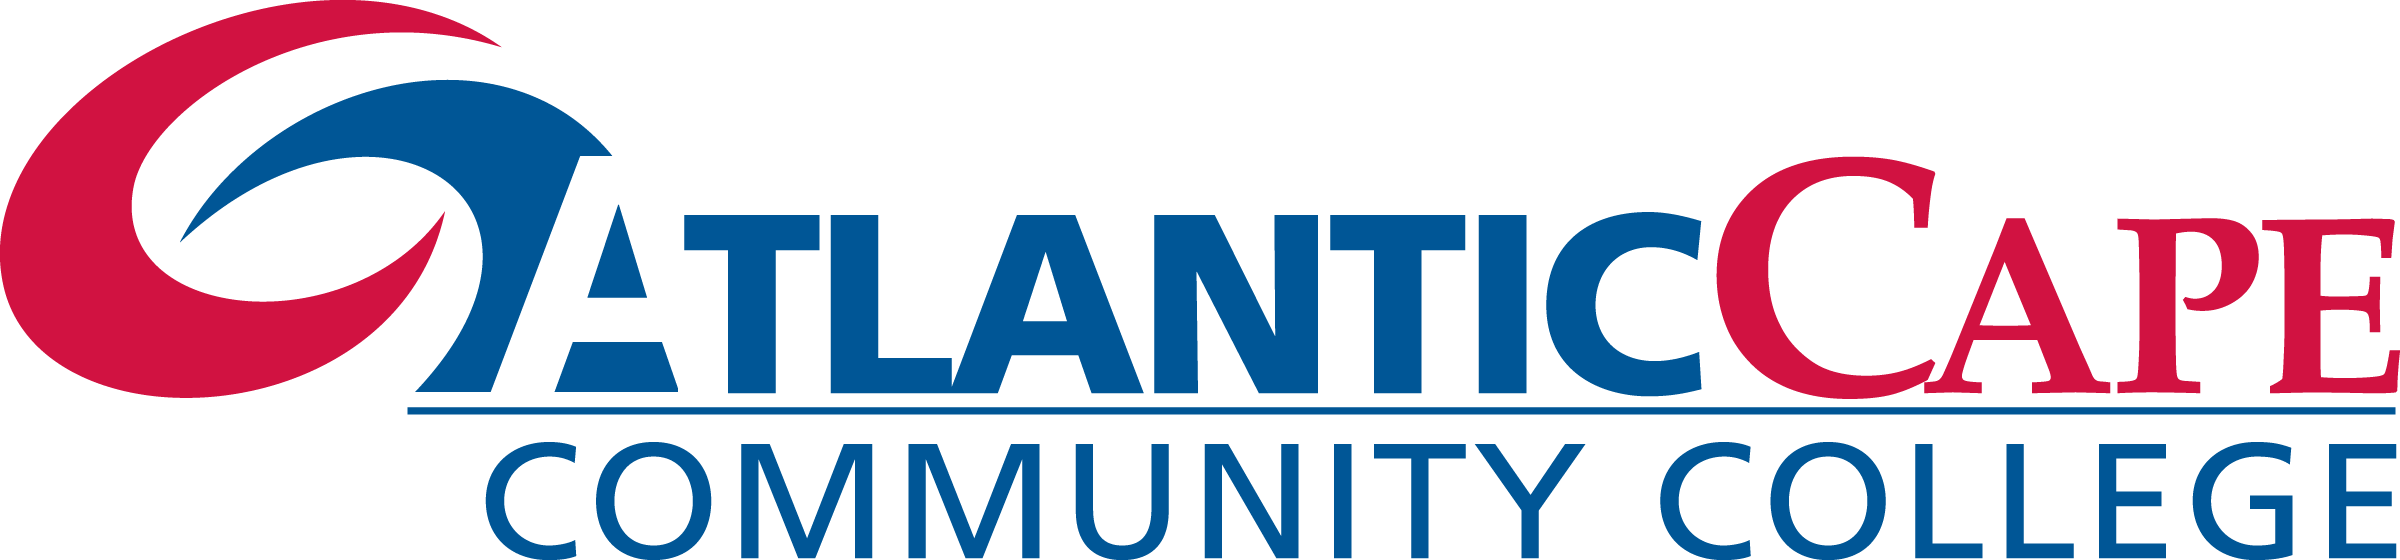 Atlantic Cape Community College logo